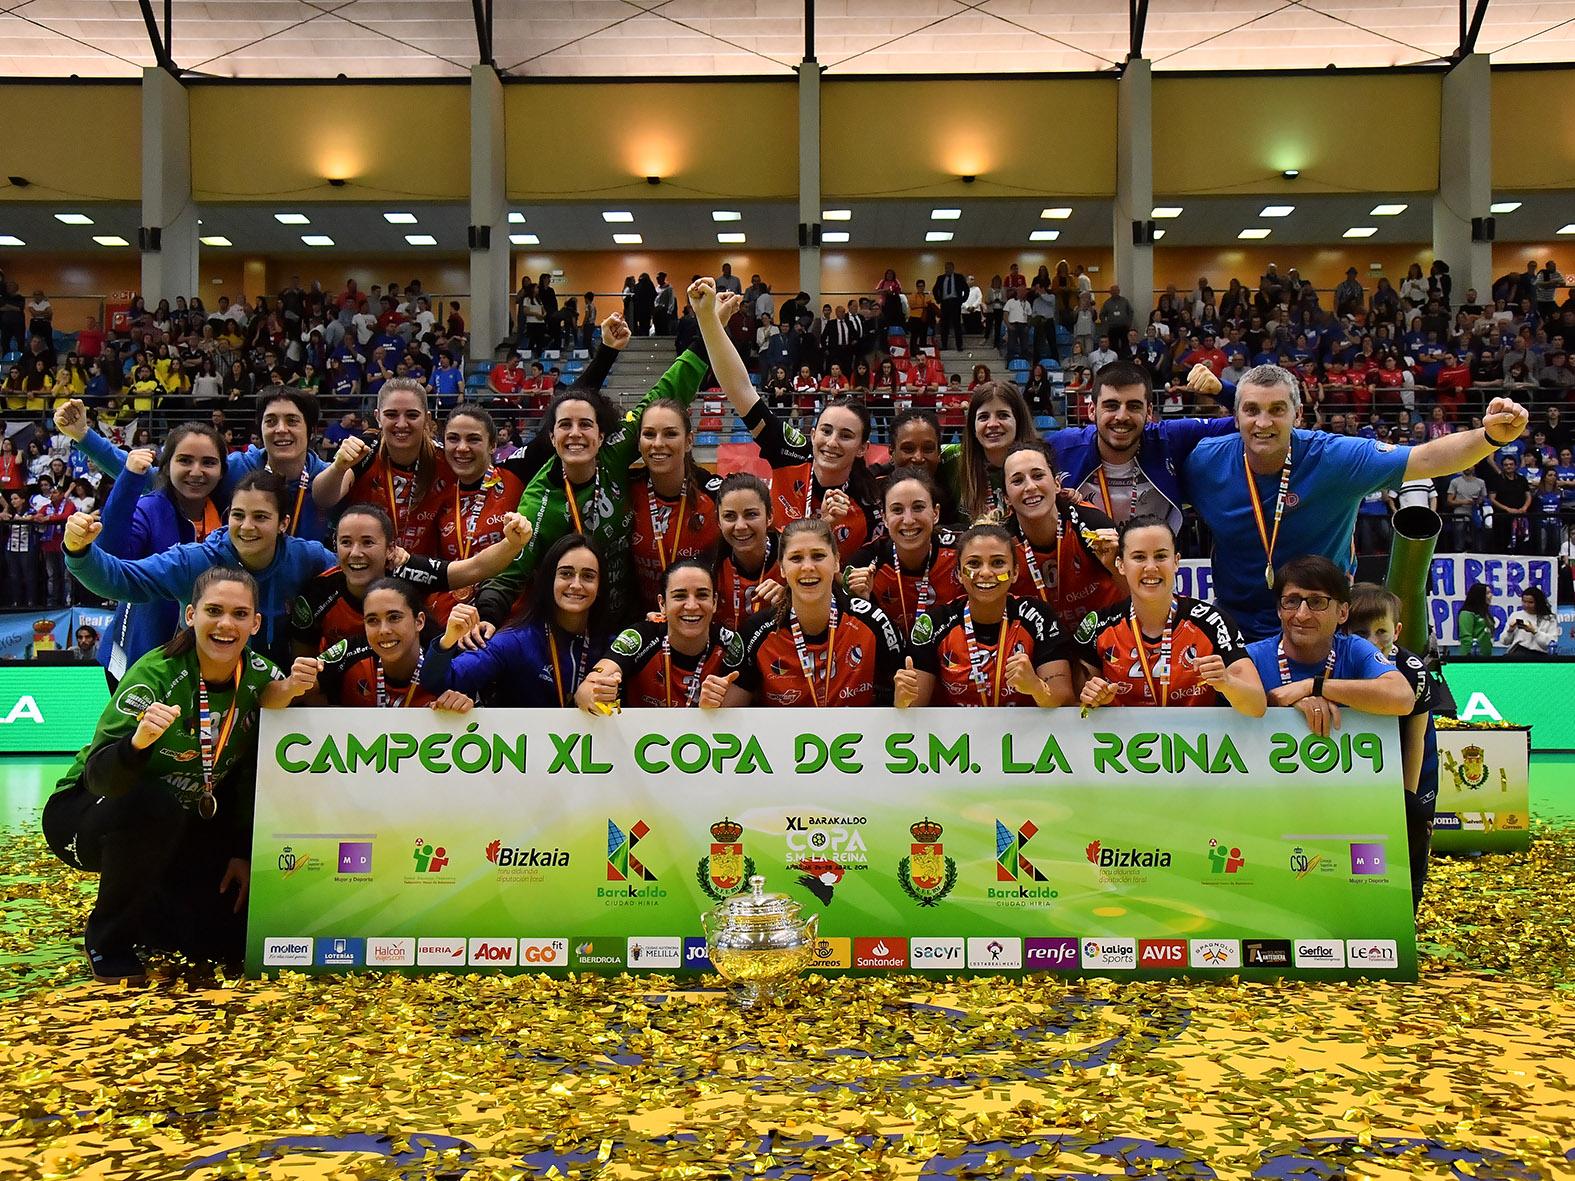 XL Copa de SM Raíña 2019 | RFEBM